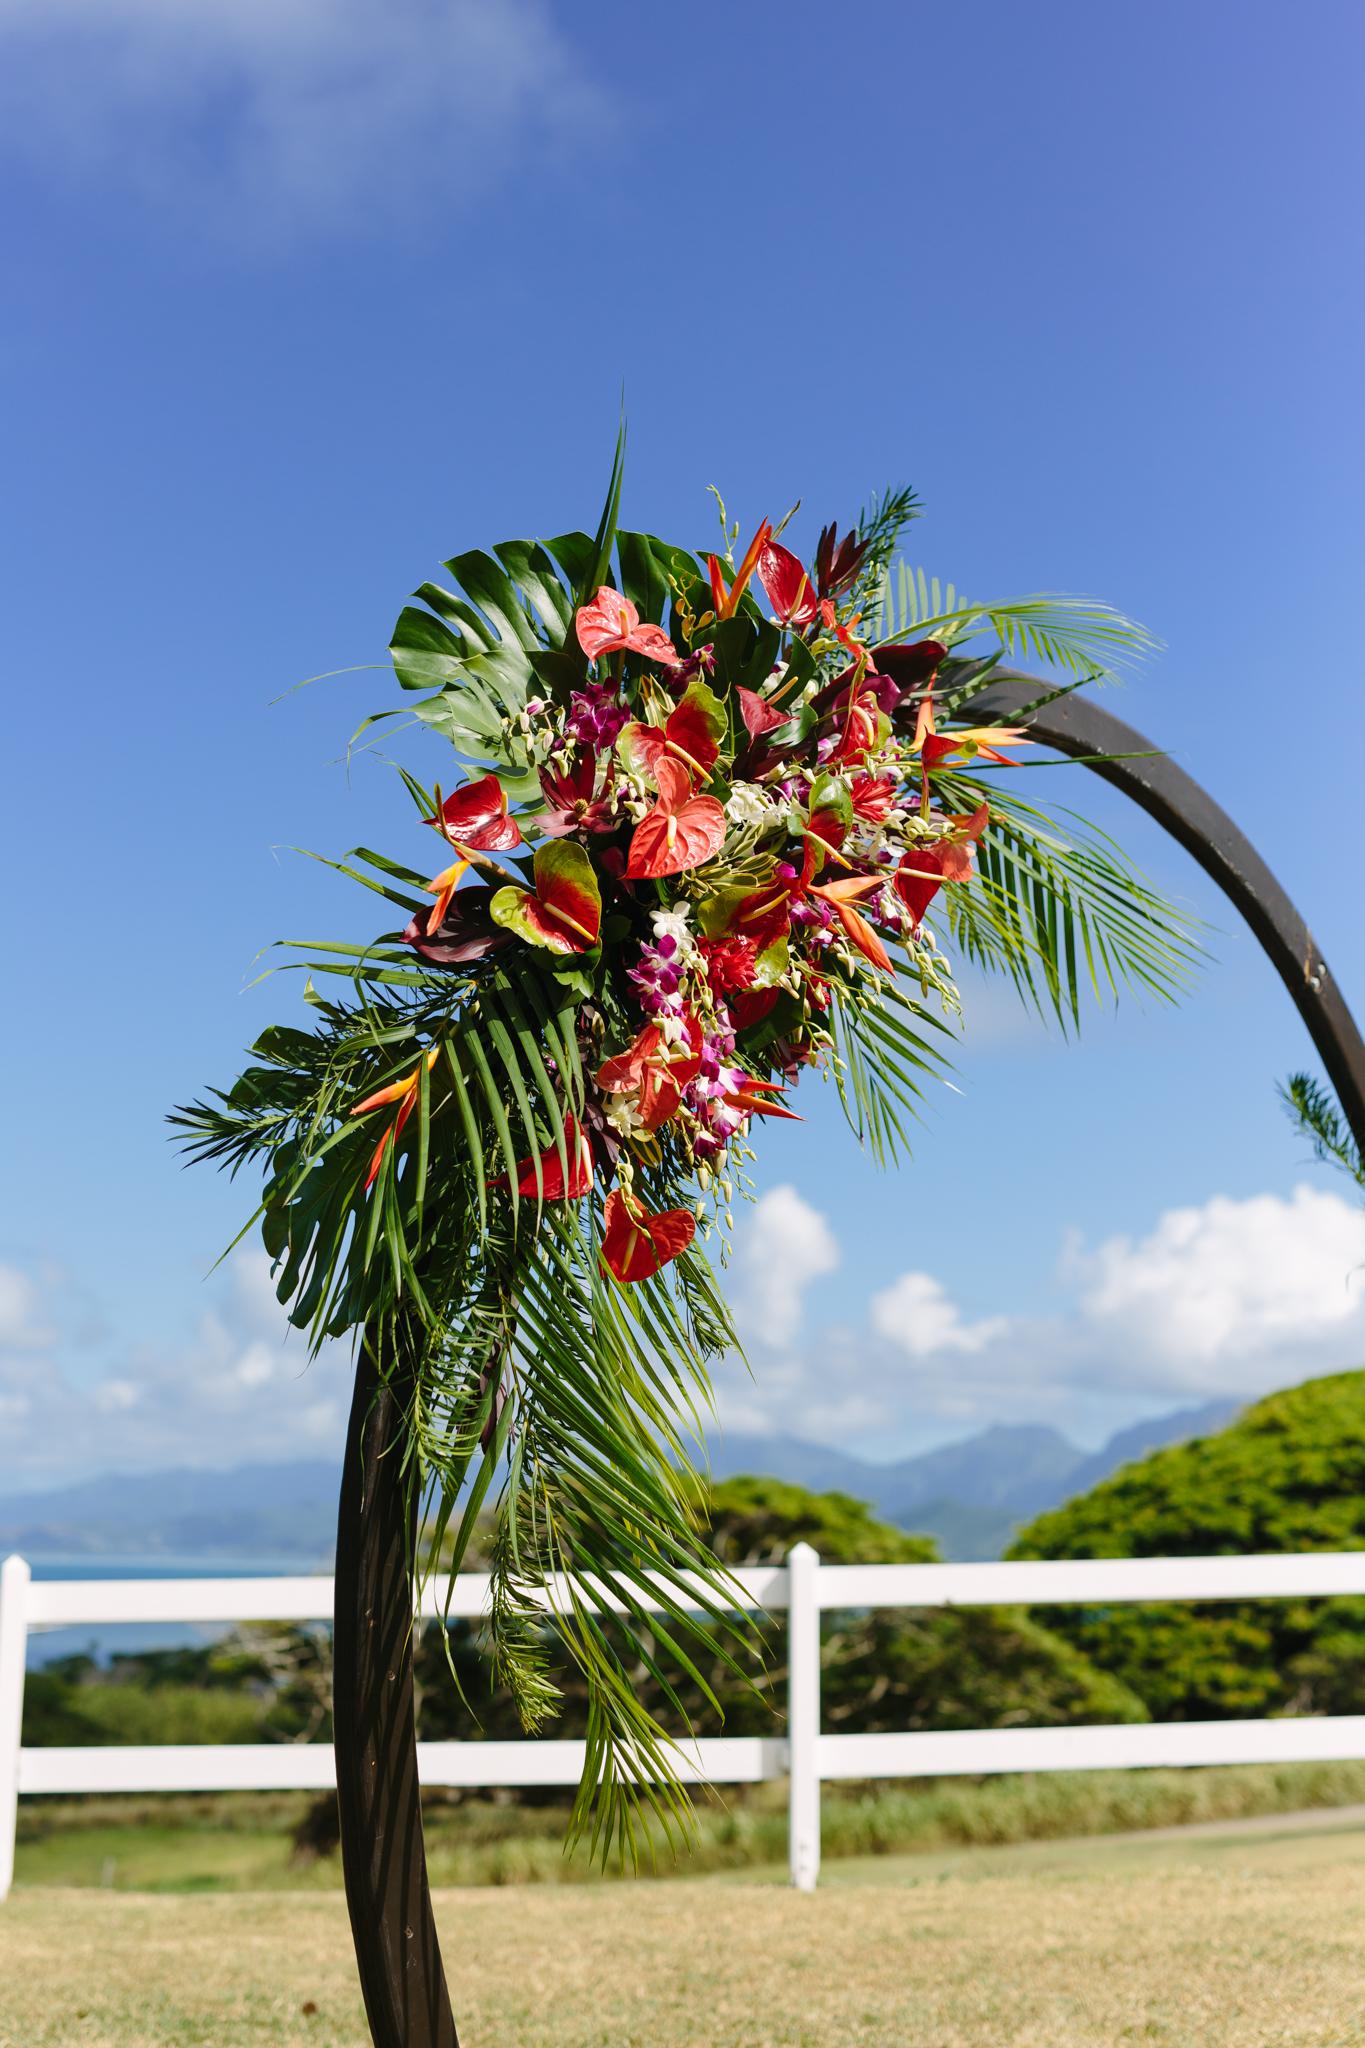 kualoa_ranch_wedding_photography_tone_hawaii-46.jpg